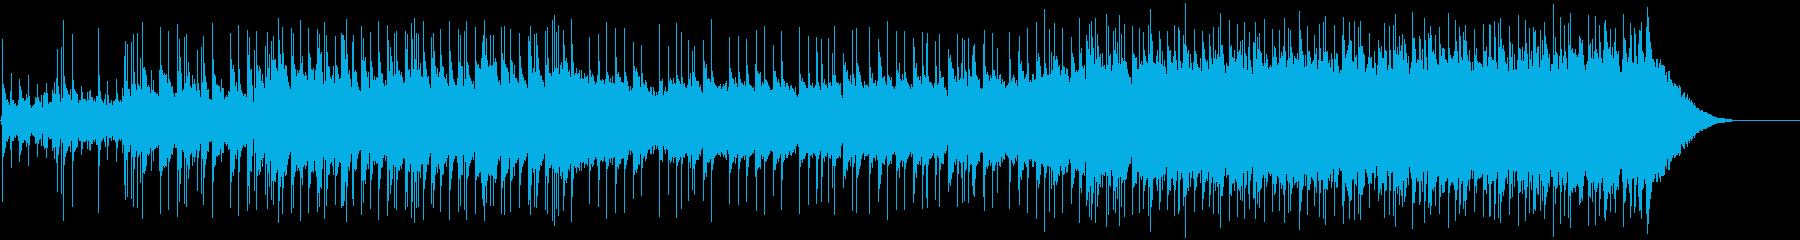 タイトなロック(骨太な質感)の再生済みの波形